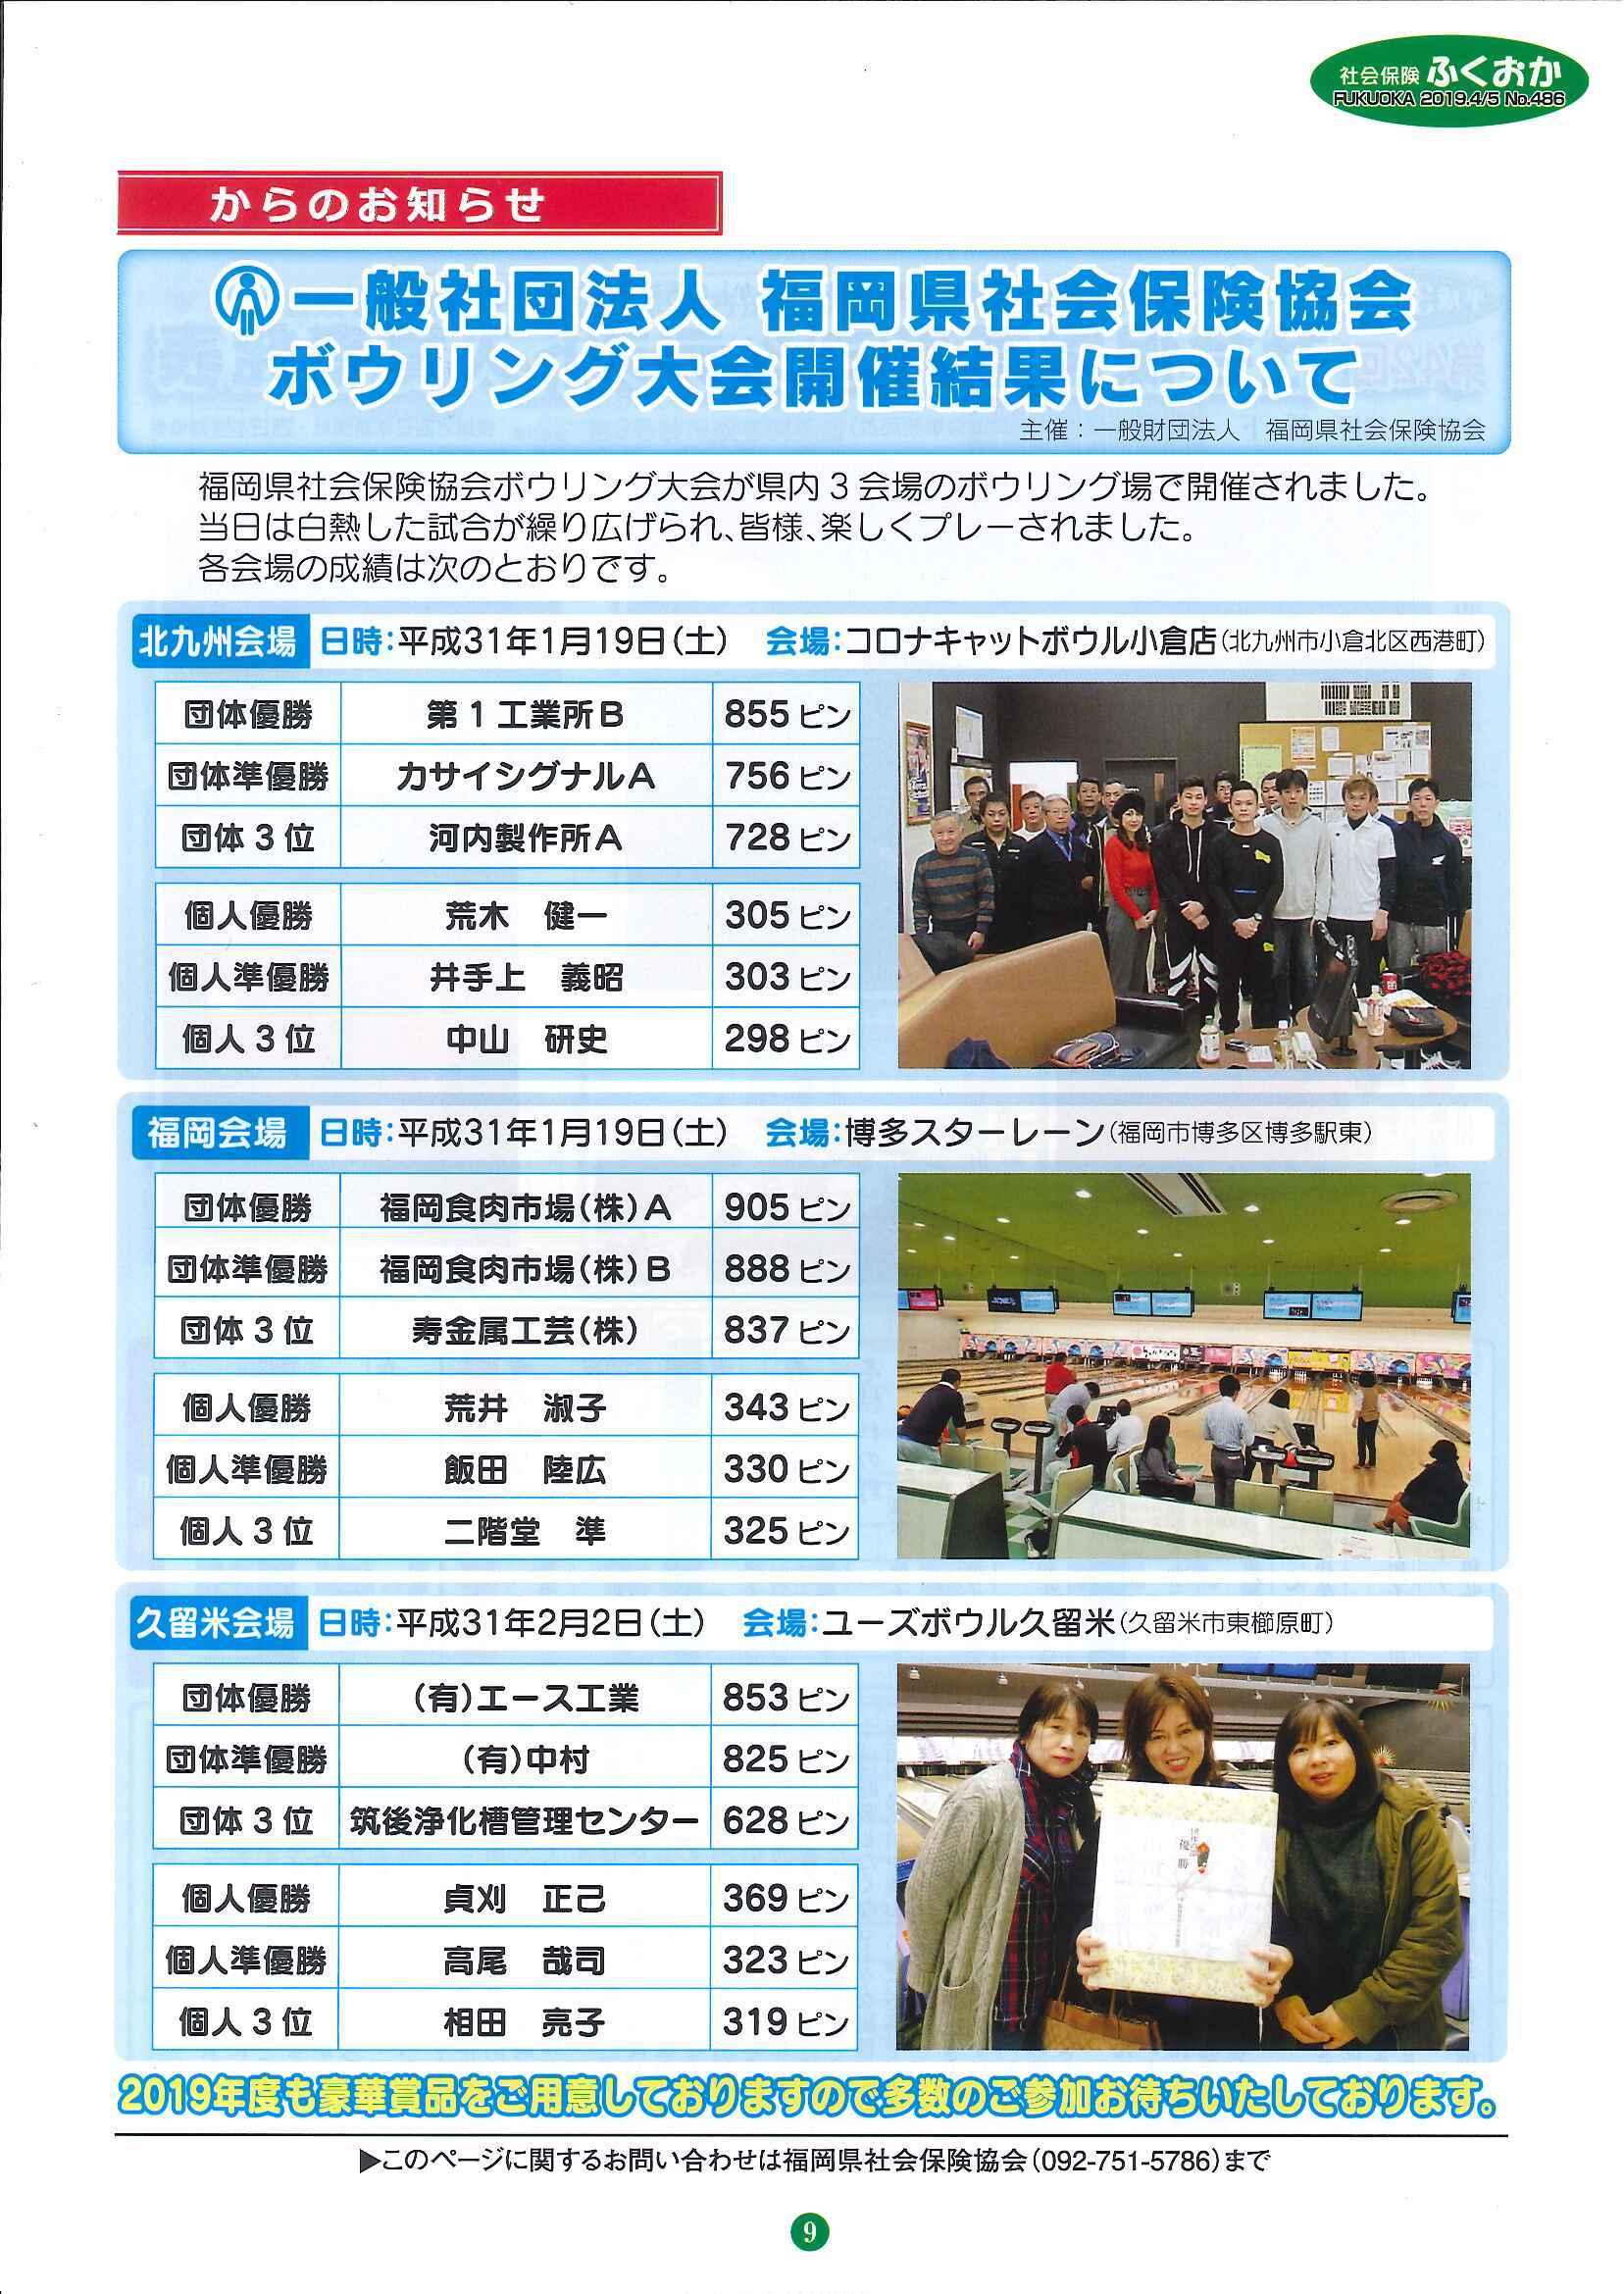 社会保険 ふくおか 2019年4・5月号_f0120774_15090343.jpg